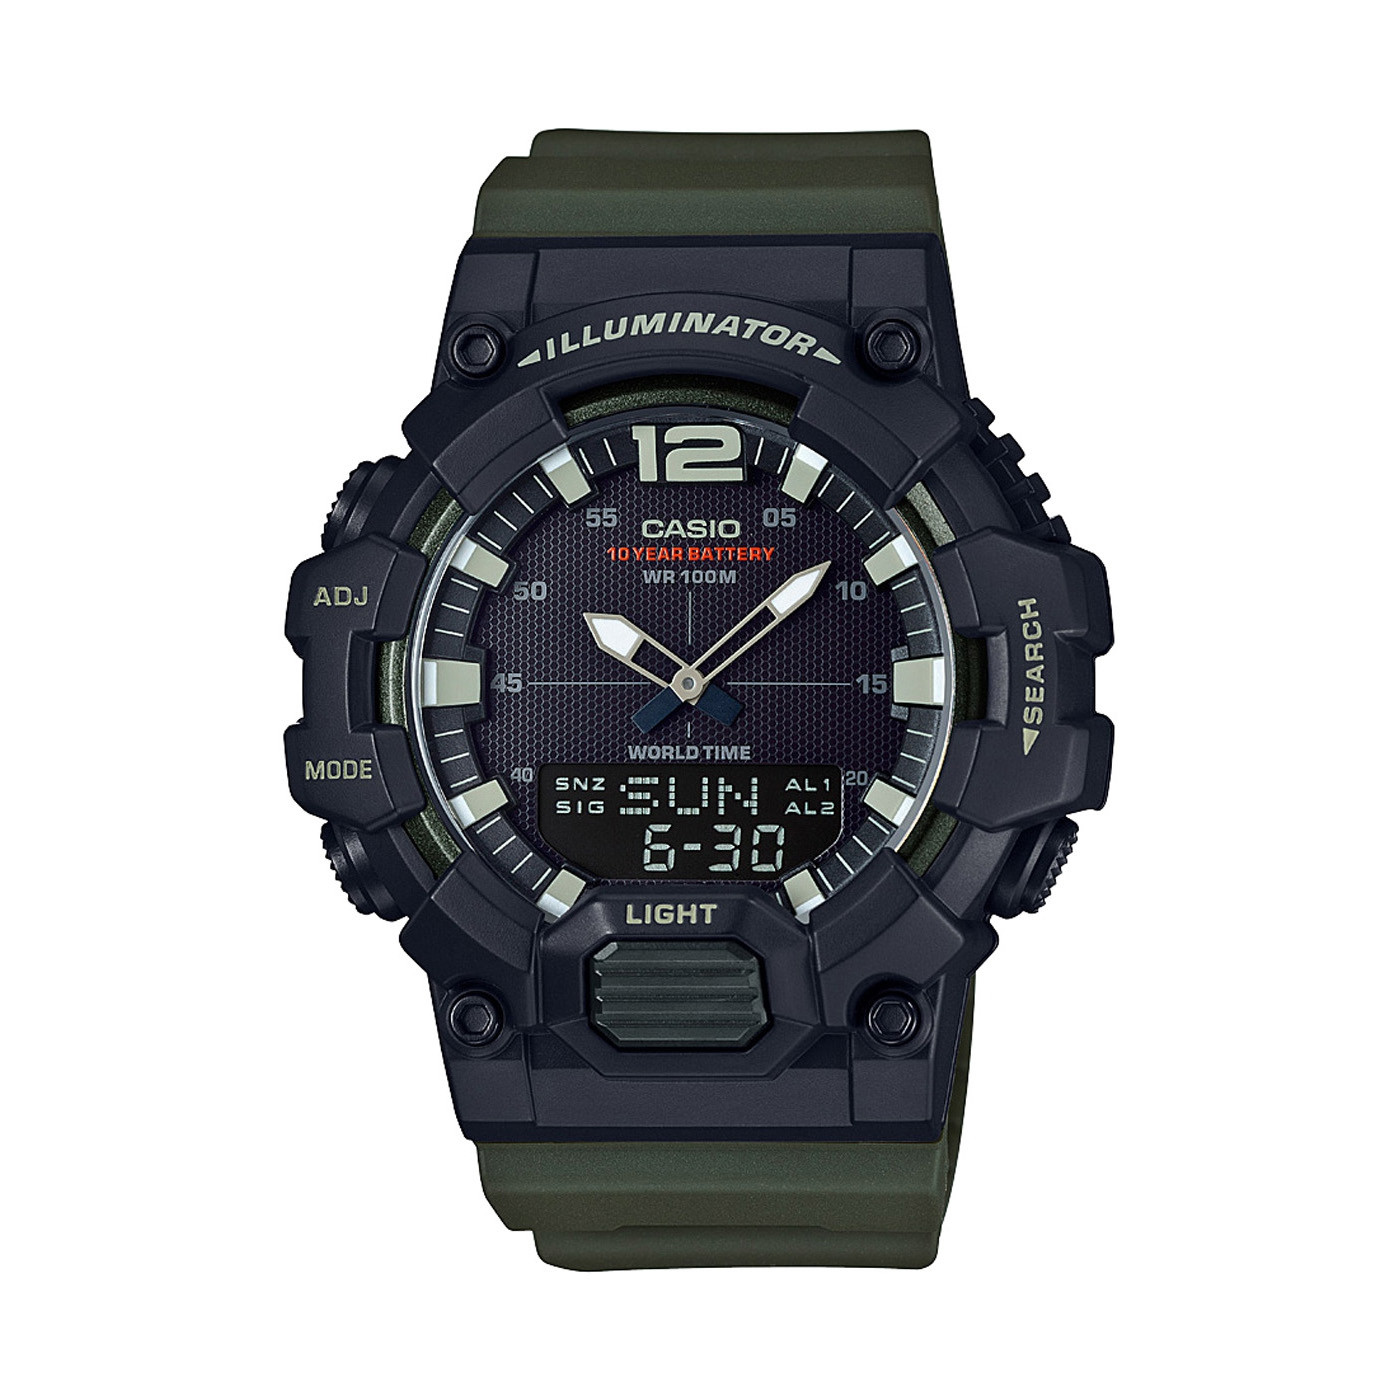 Casio horloge HDC-700-3AVEF